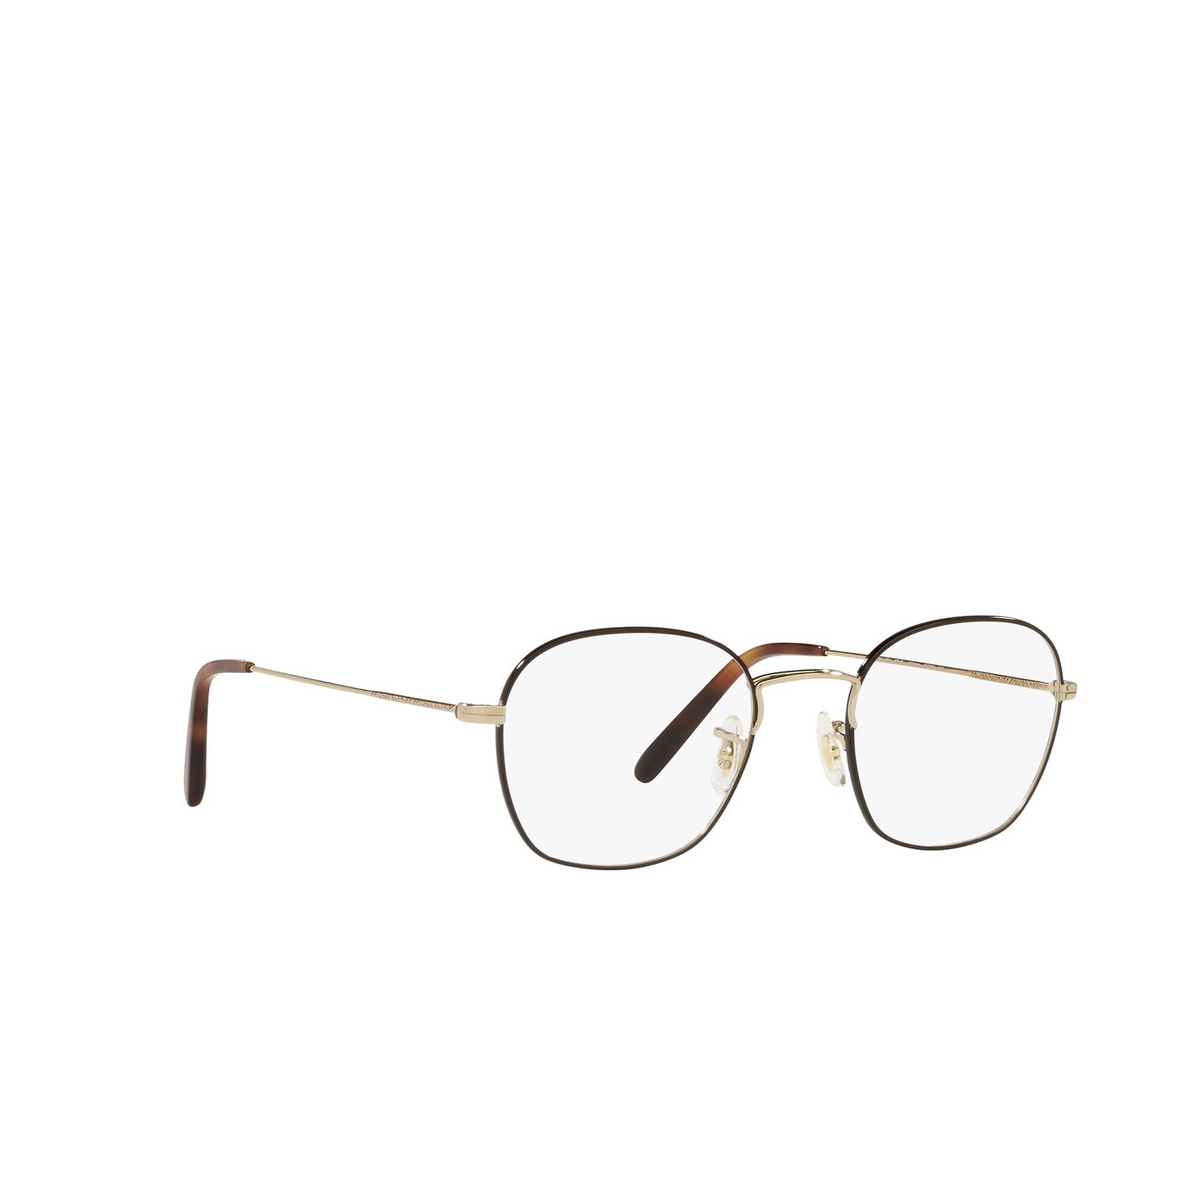 Oliver Peoples® Round Eyeglasses: Allinger OV1284 color Brushed Gold / Tortoise 5316 - three-quarters view.